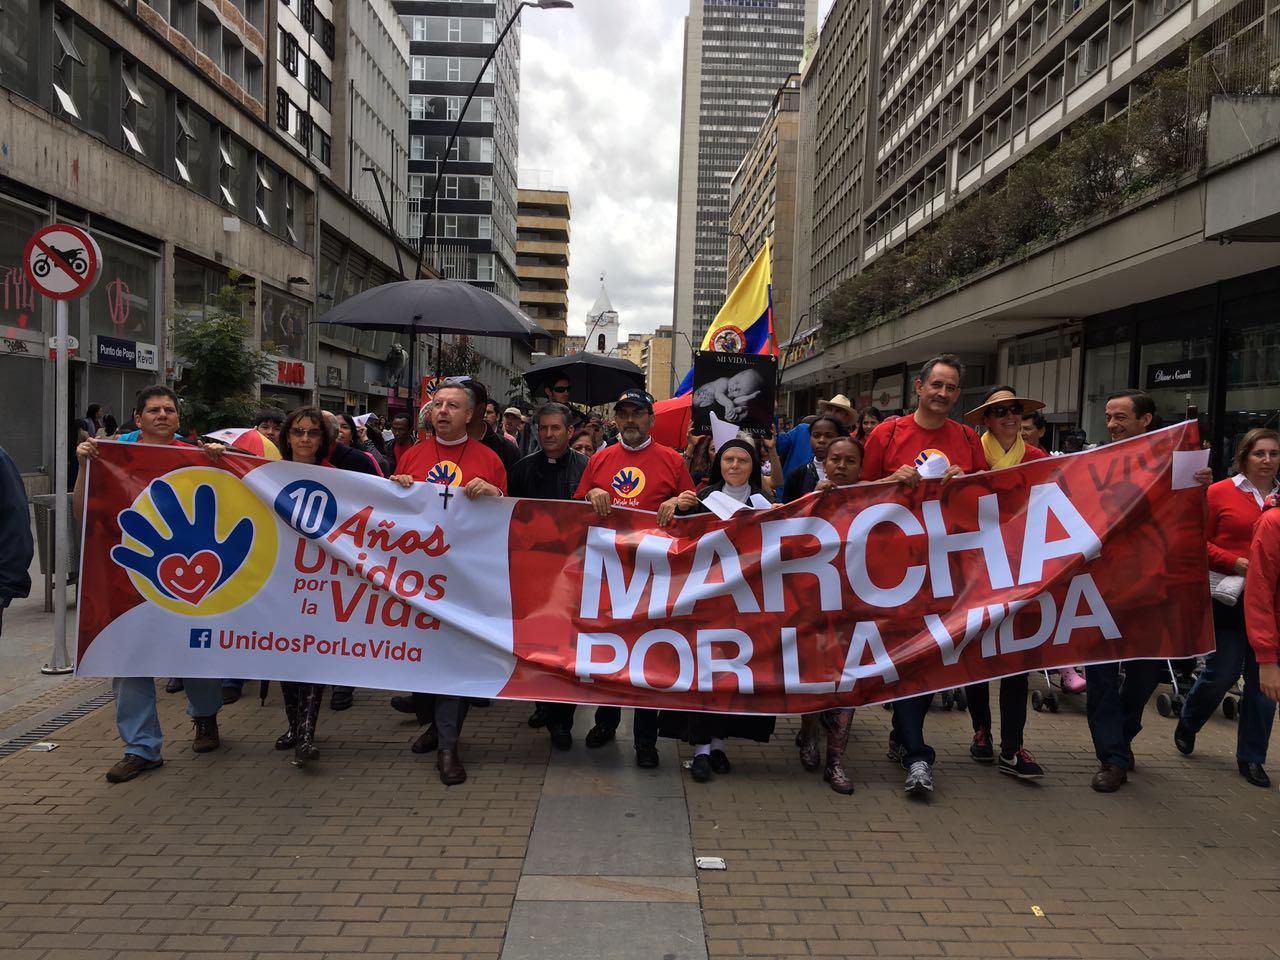 Marcha por la vida en Colombia